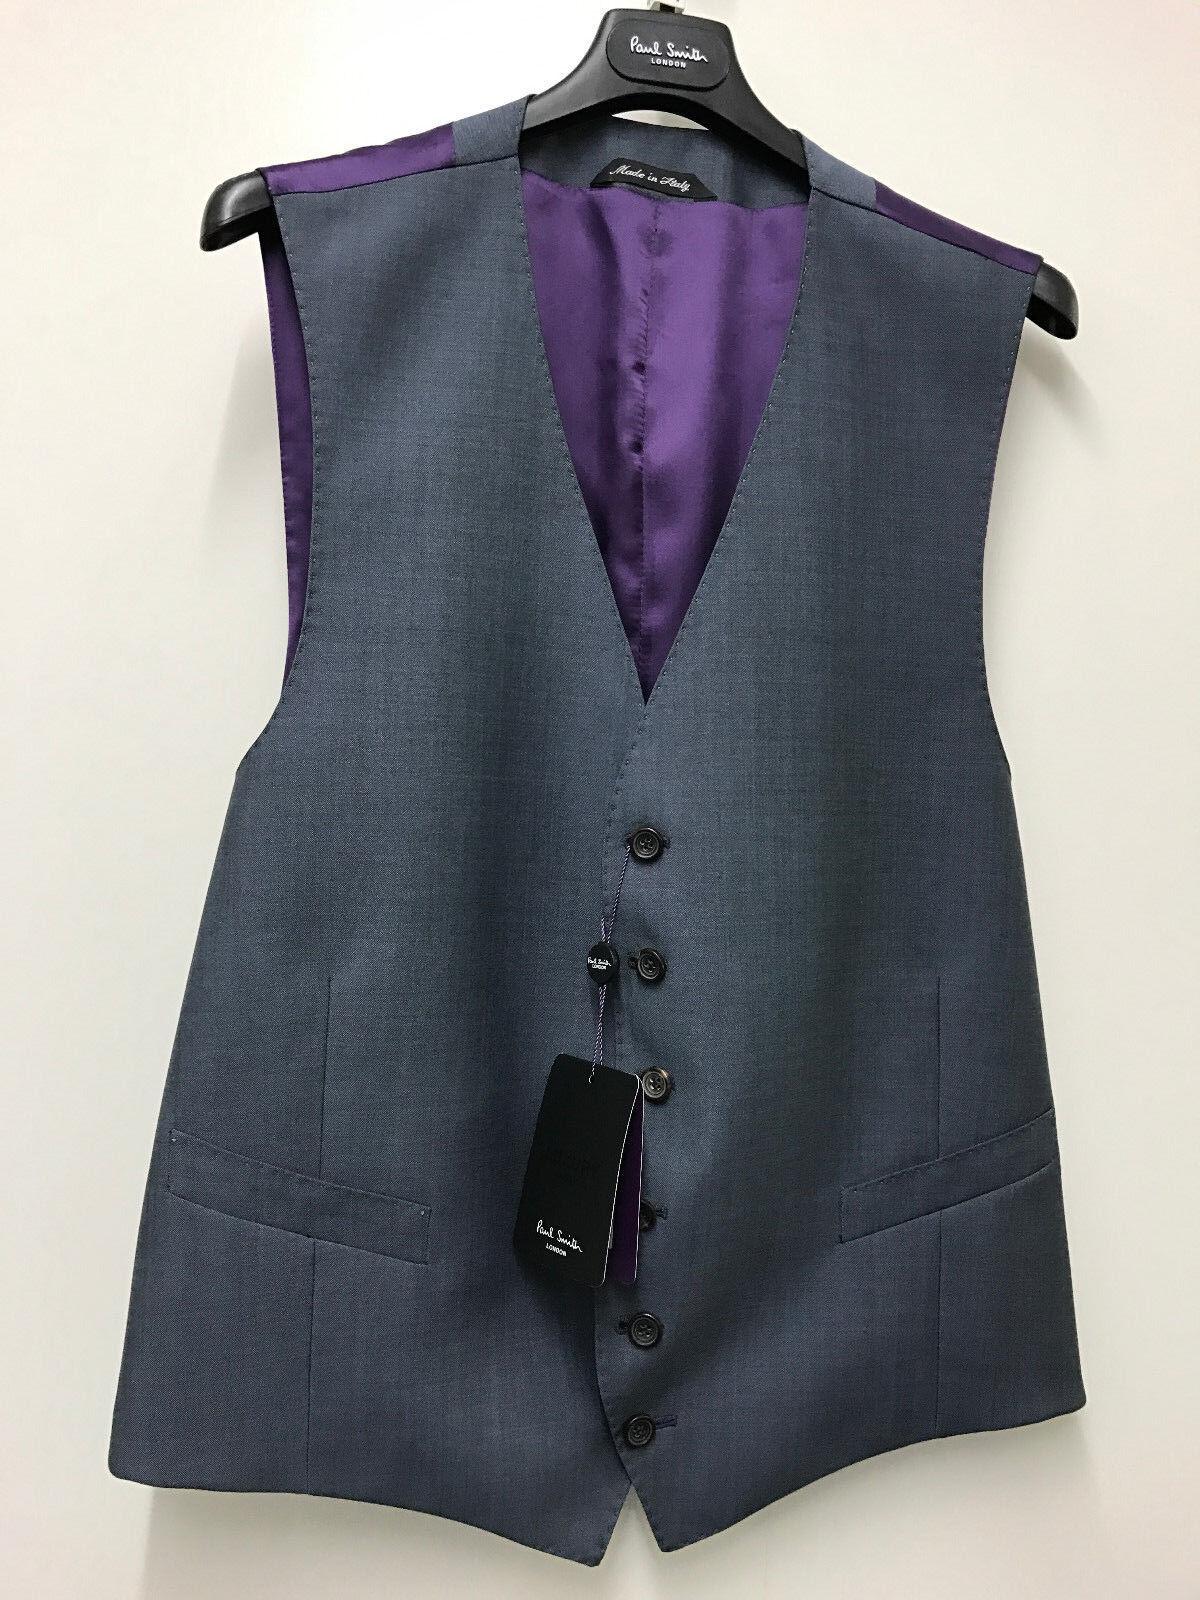 Paul Smith Weste Petrolblau Klassische Passform London Wolle & Mohair 44R